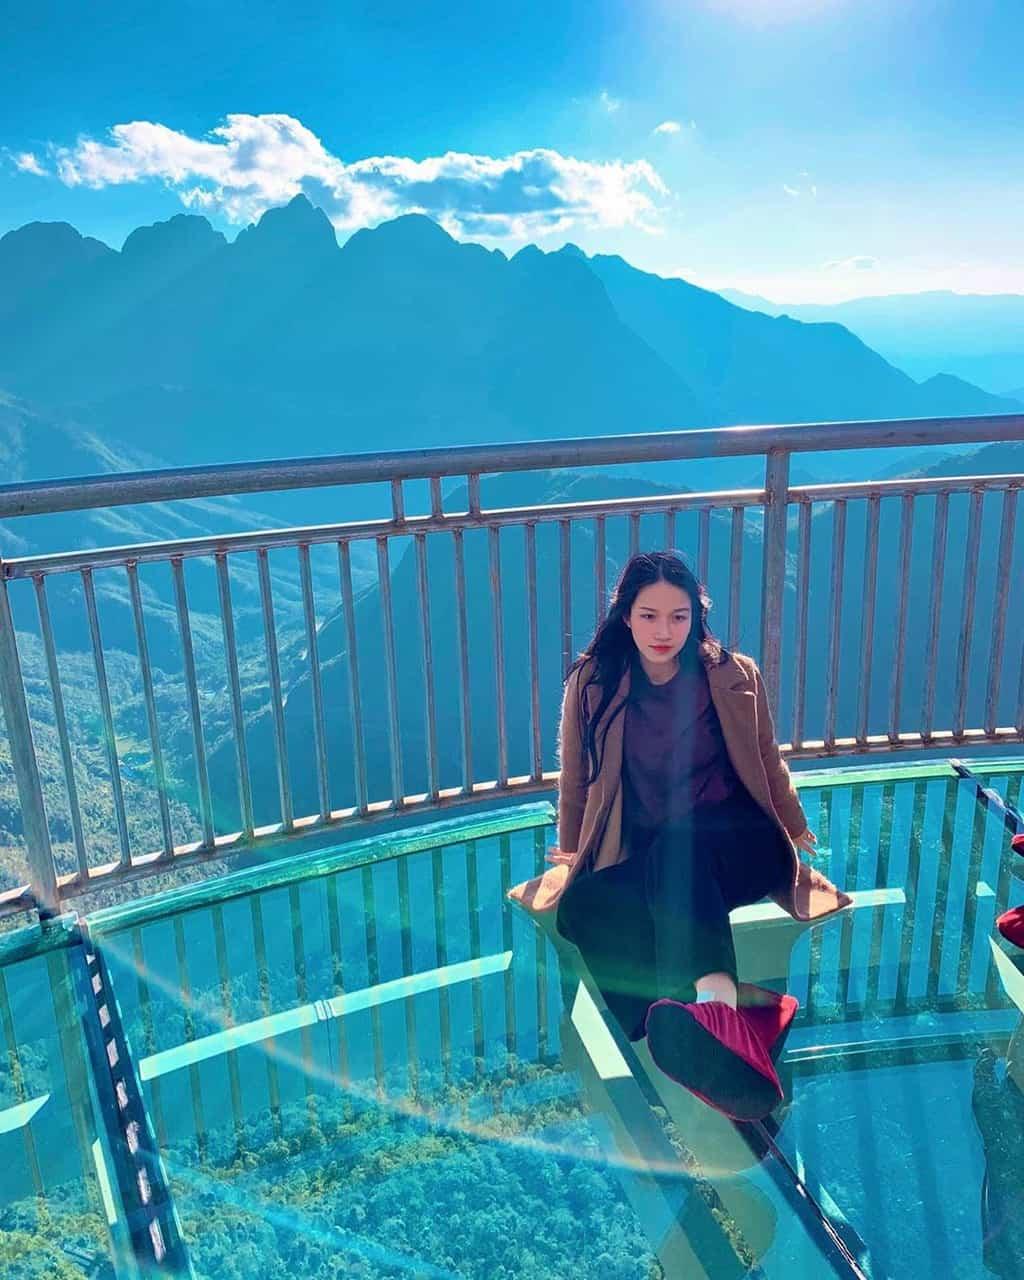 Chinh phục đỉnh Ô Quy Hồ trải nghiệm cầu kính trong suốt cực mới lạ - Nguồn ảnh: Chouchouchou